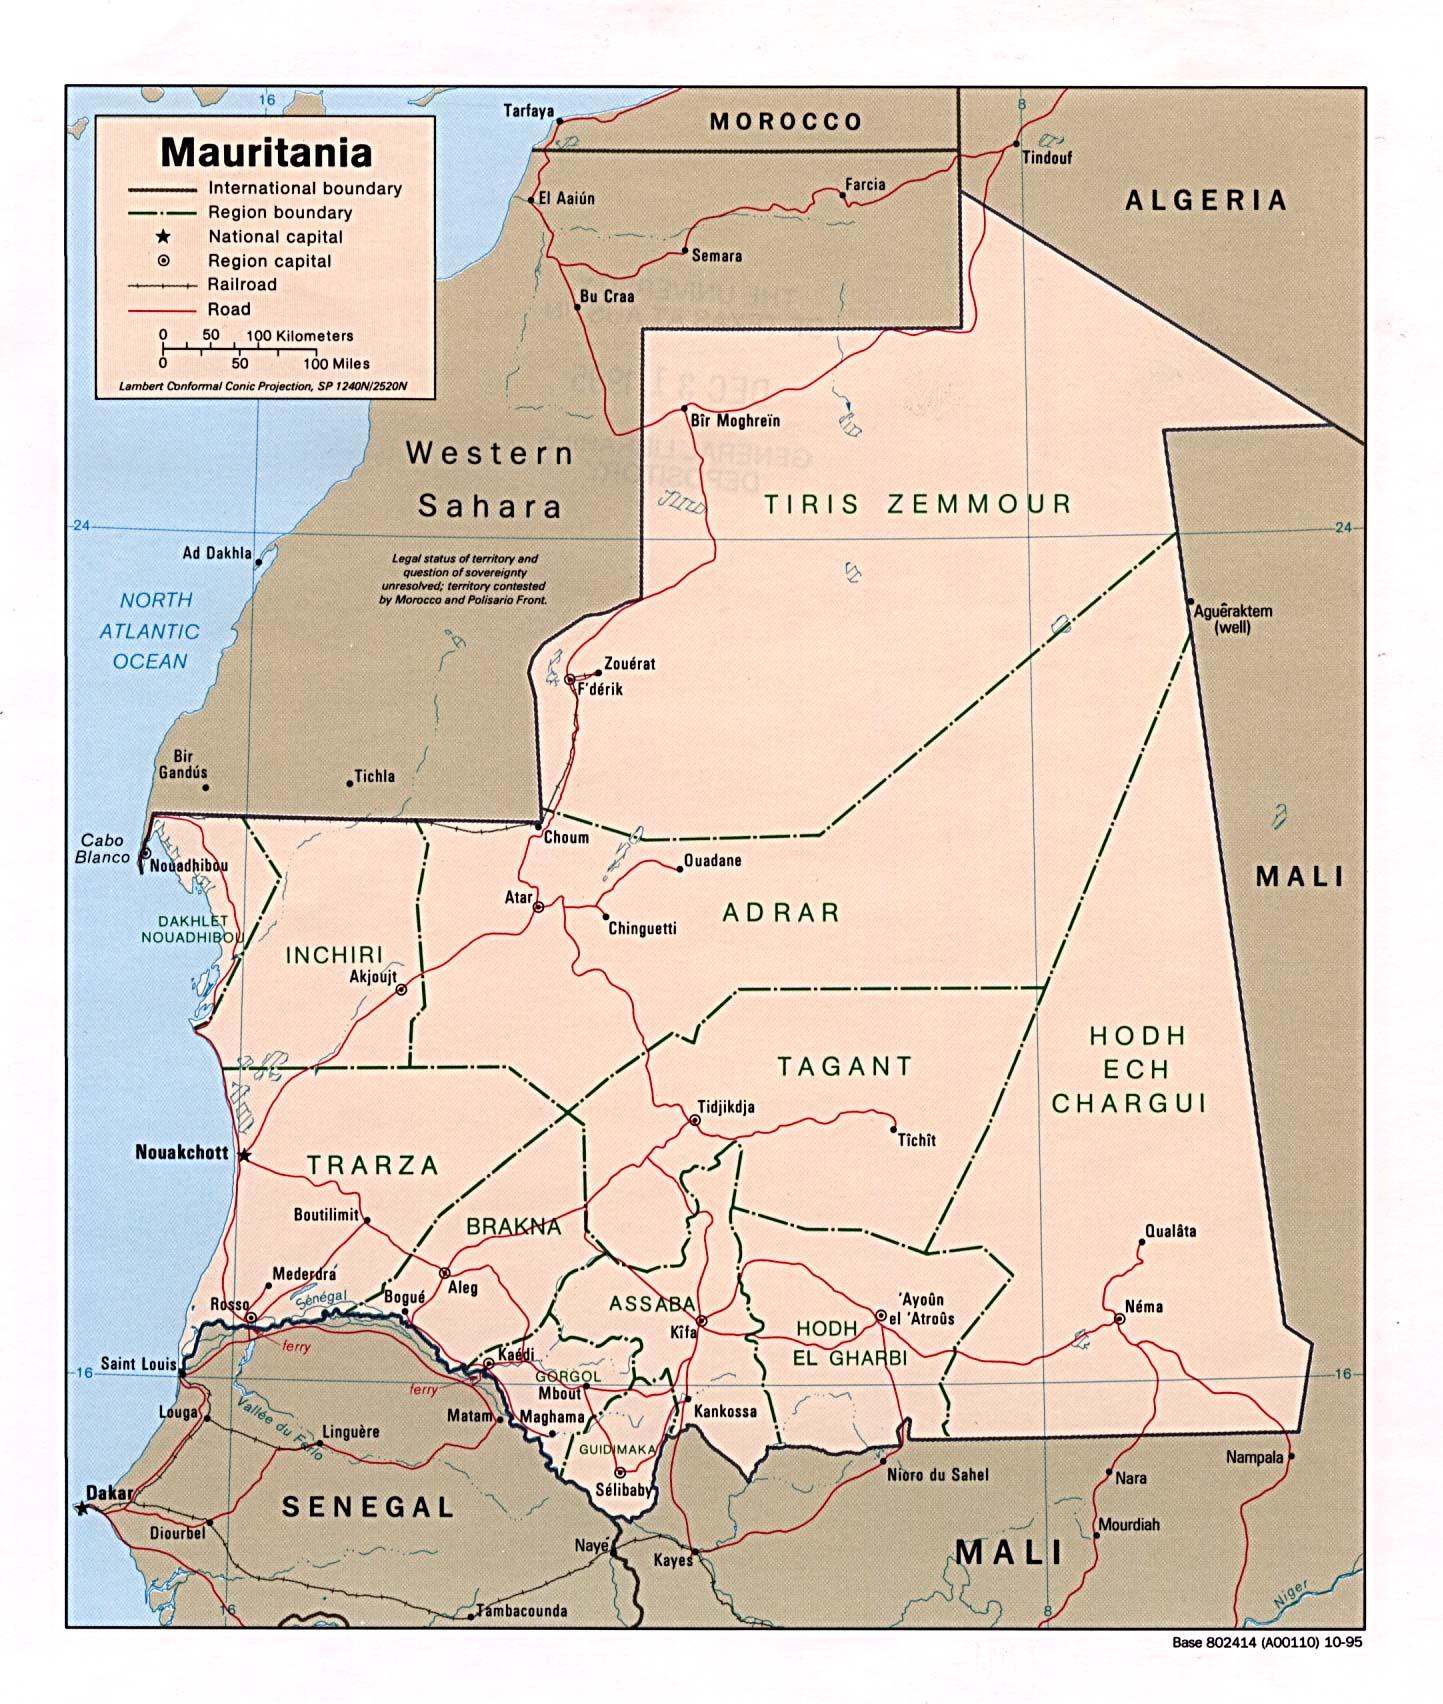 Carte géopolitique de la Mauritanie